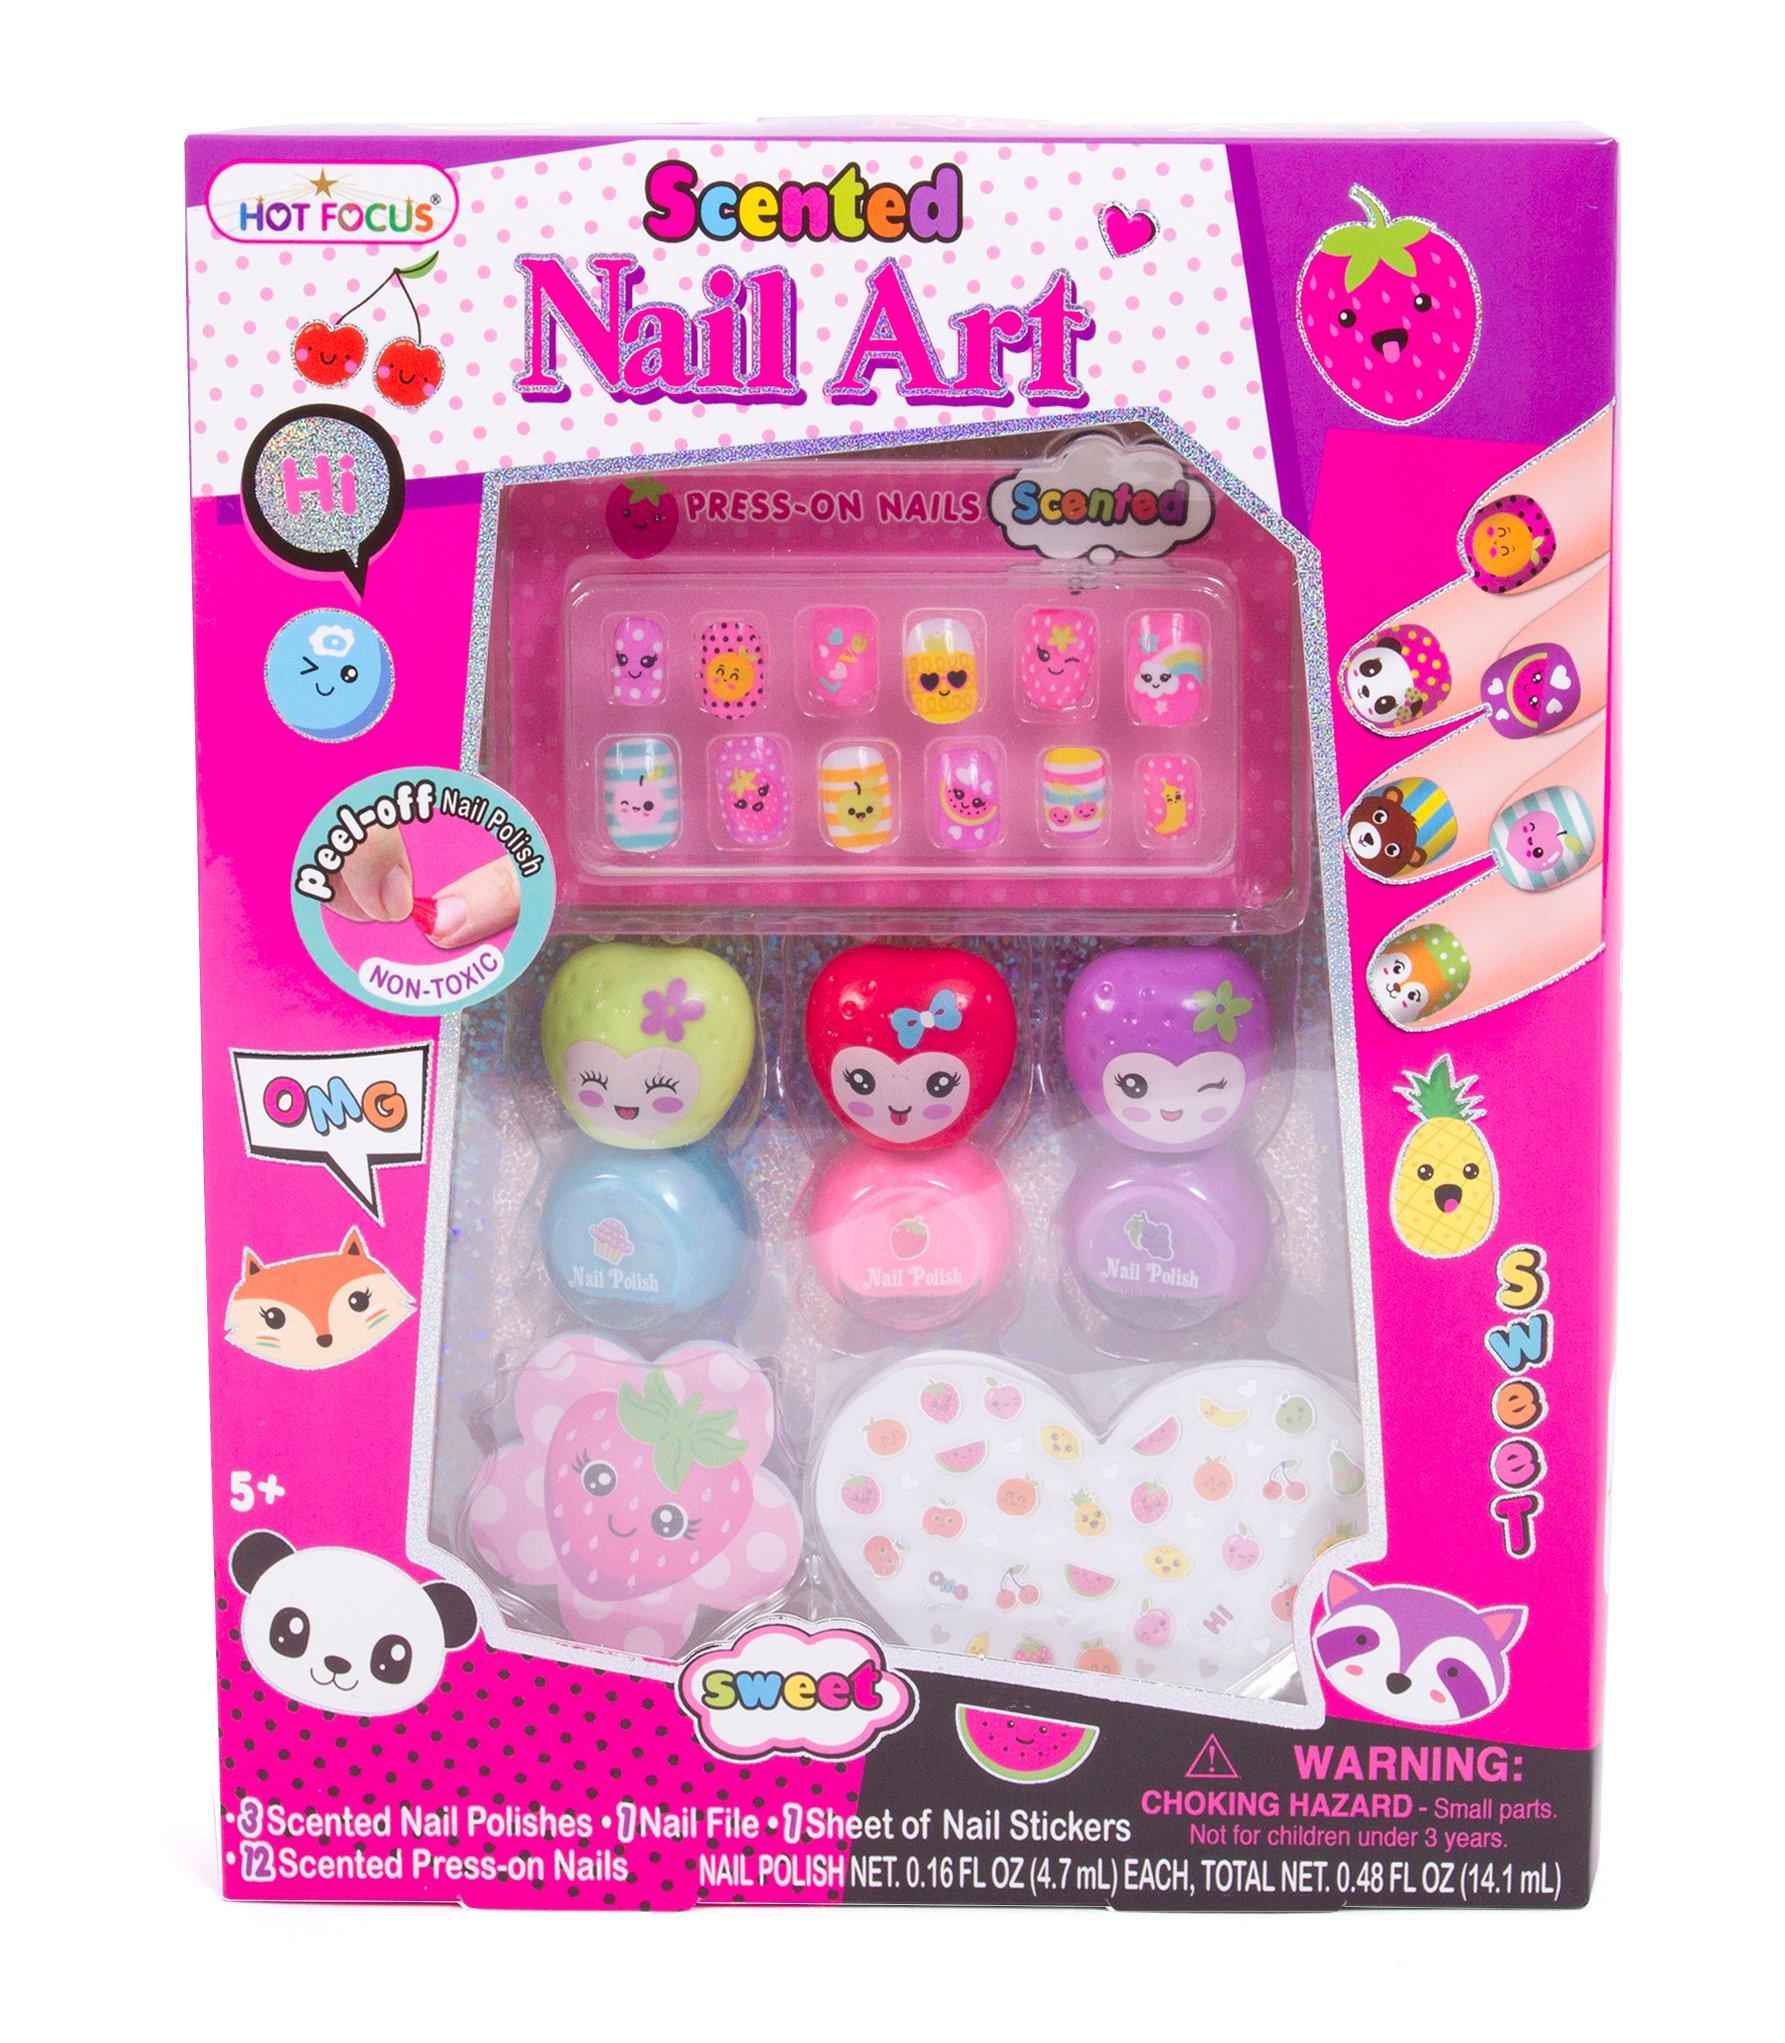 Hot Focus Scented Nail Art Kit - Fruit Girls Nail Kit Includes 12 Press on Nails, 3 Nail Polishes, 31 Nail Stickers and a Nail File – Non-Toxic Water Based Peel Off Nail Polish